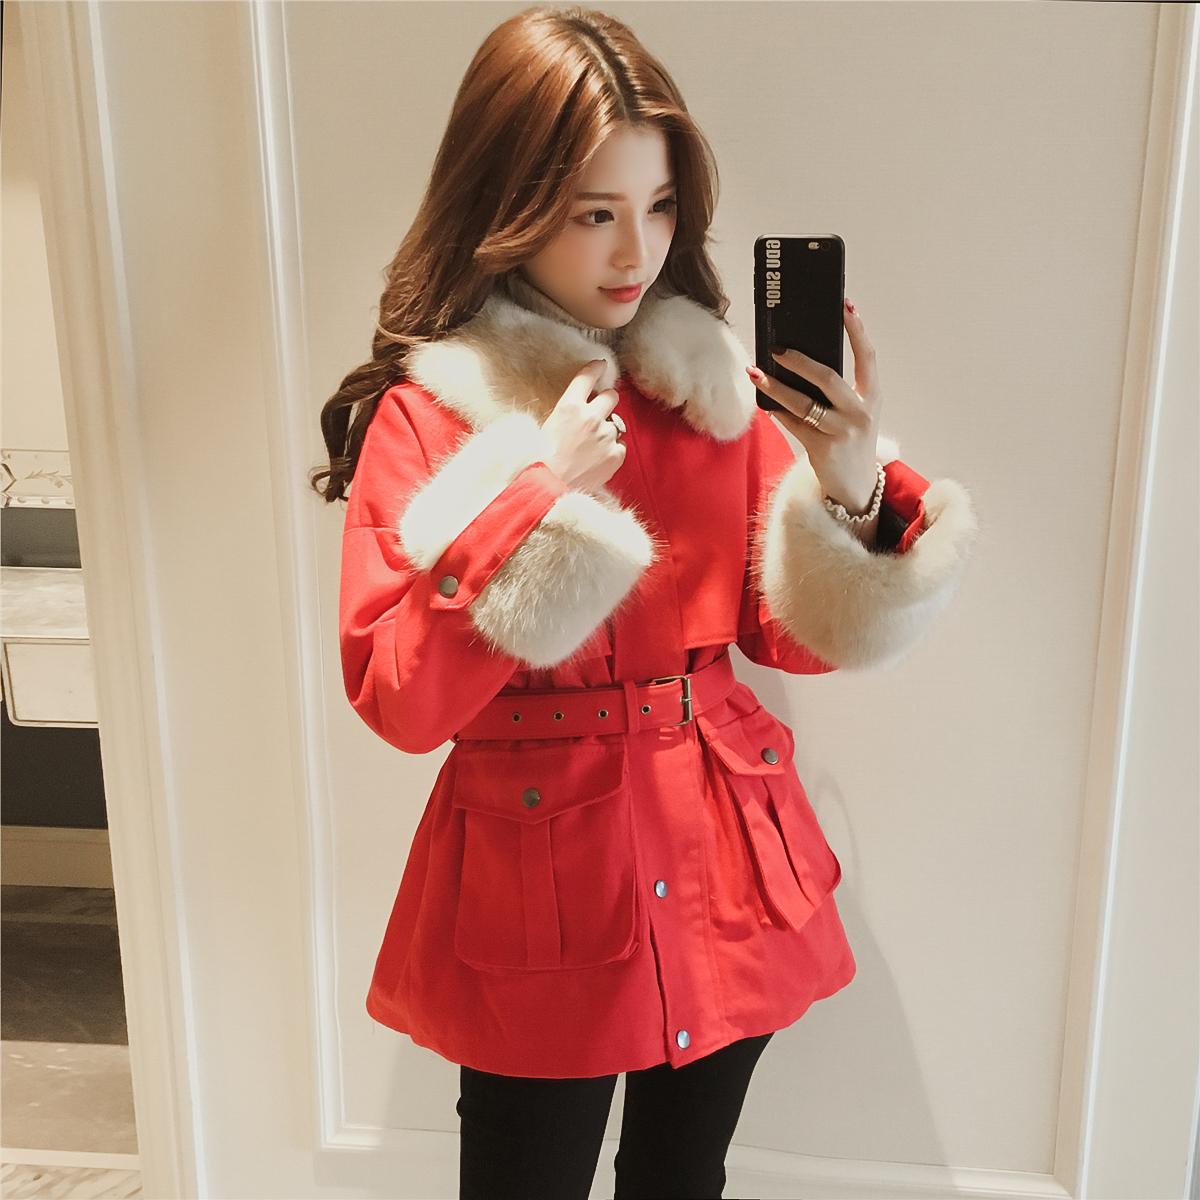 2017冬季新款韩版中长款收腰毛领工装加绒加厚红色棉衣女牛仔外套3元优惠券